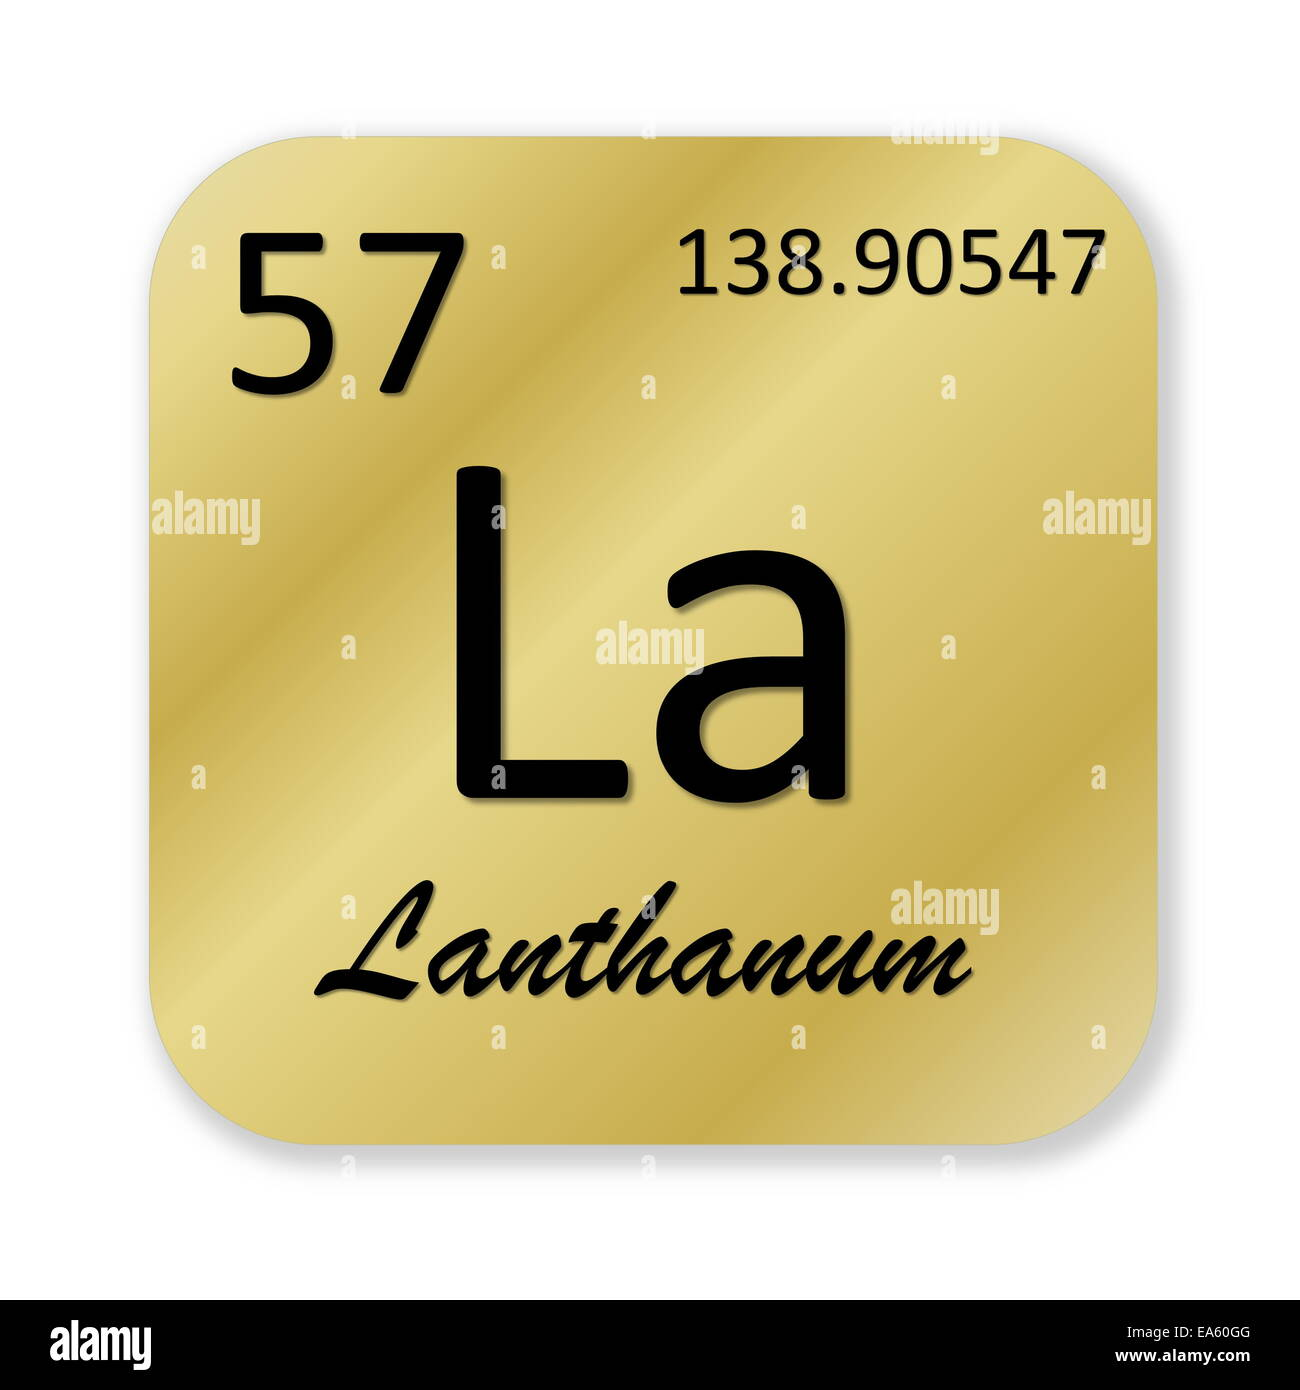 Lanthanum element stock photo royalty free image 75120208 alamy lanthanum element gamestrikefo Image collections